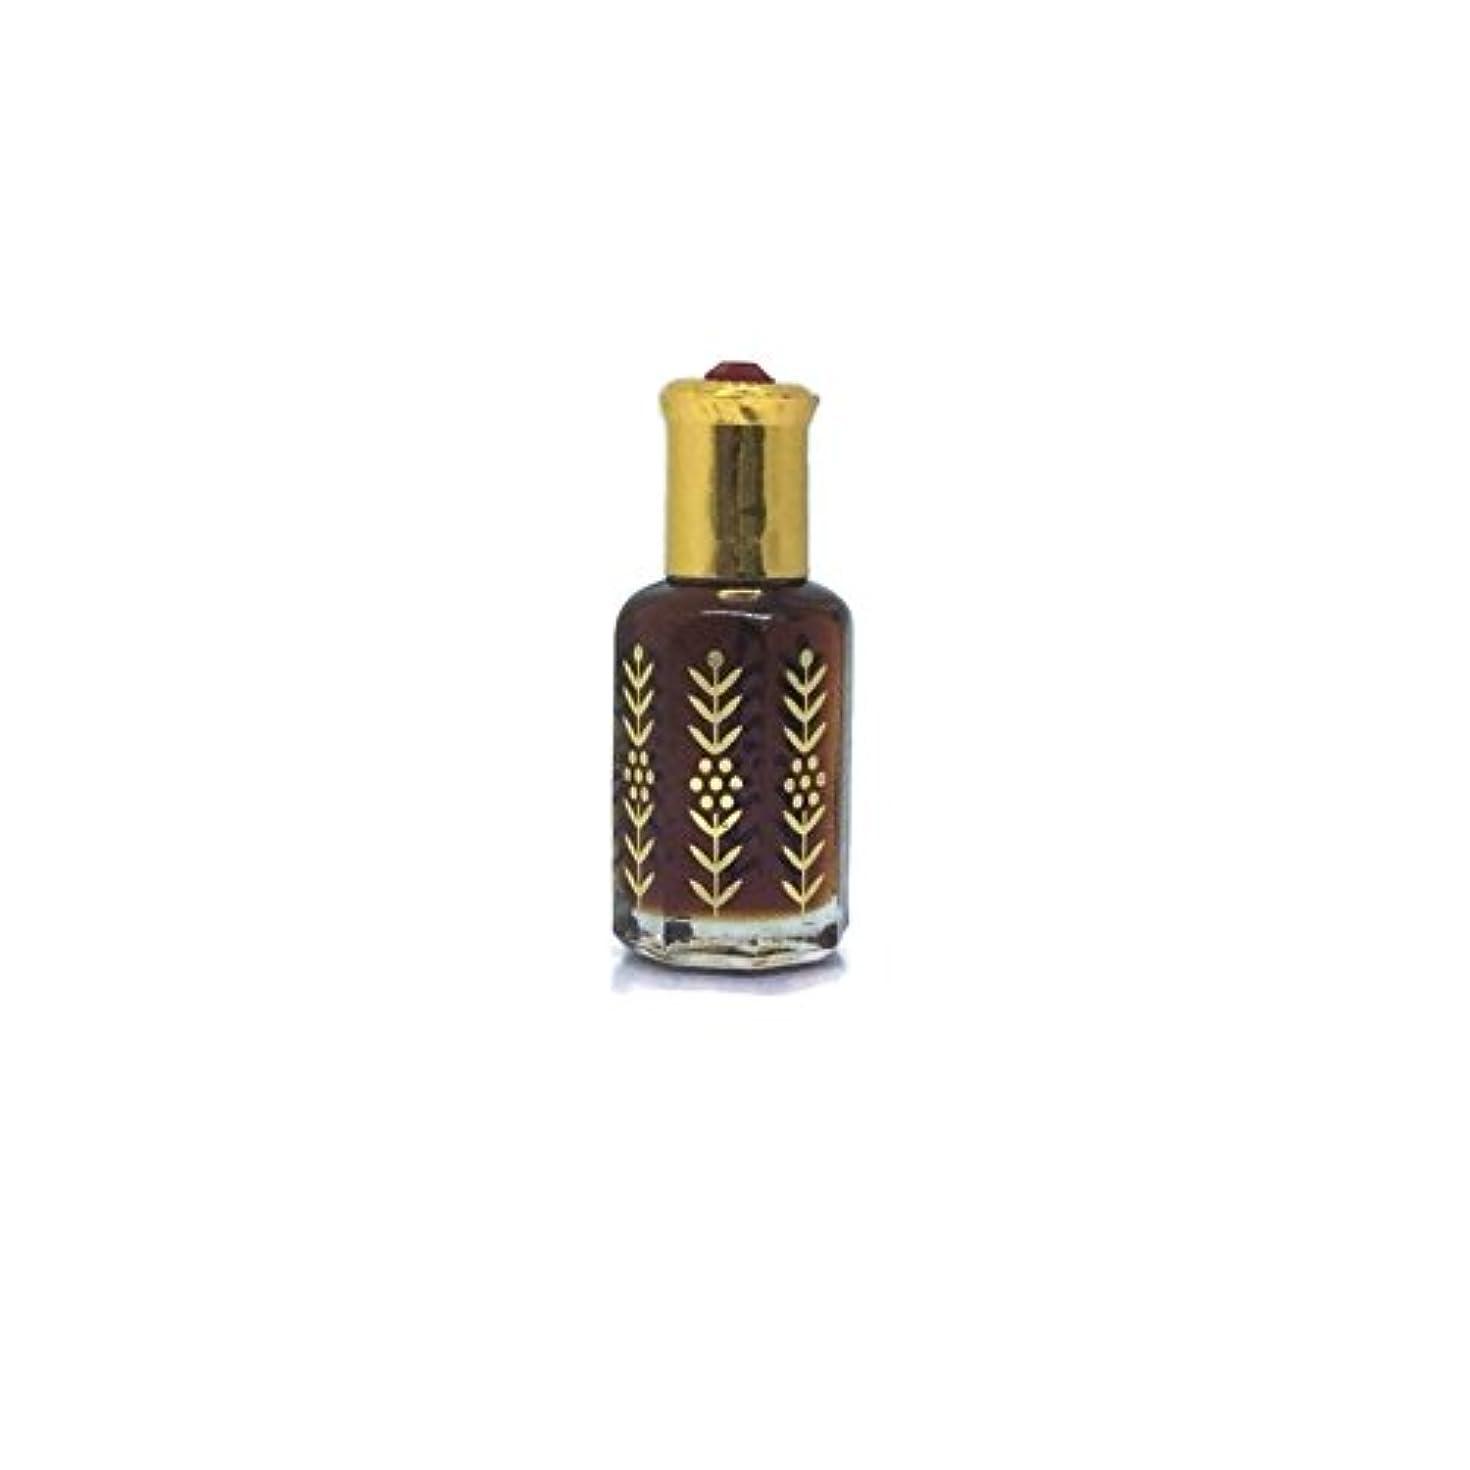 テニススポンジ人物カンボジアsayufee純正Cambodian/タイAgarwood Pure Oudh Rare Perfume Amira 3 ml ブラウン 6